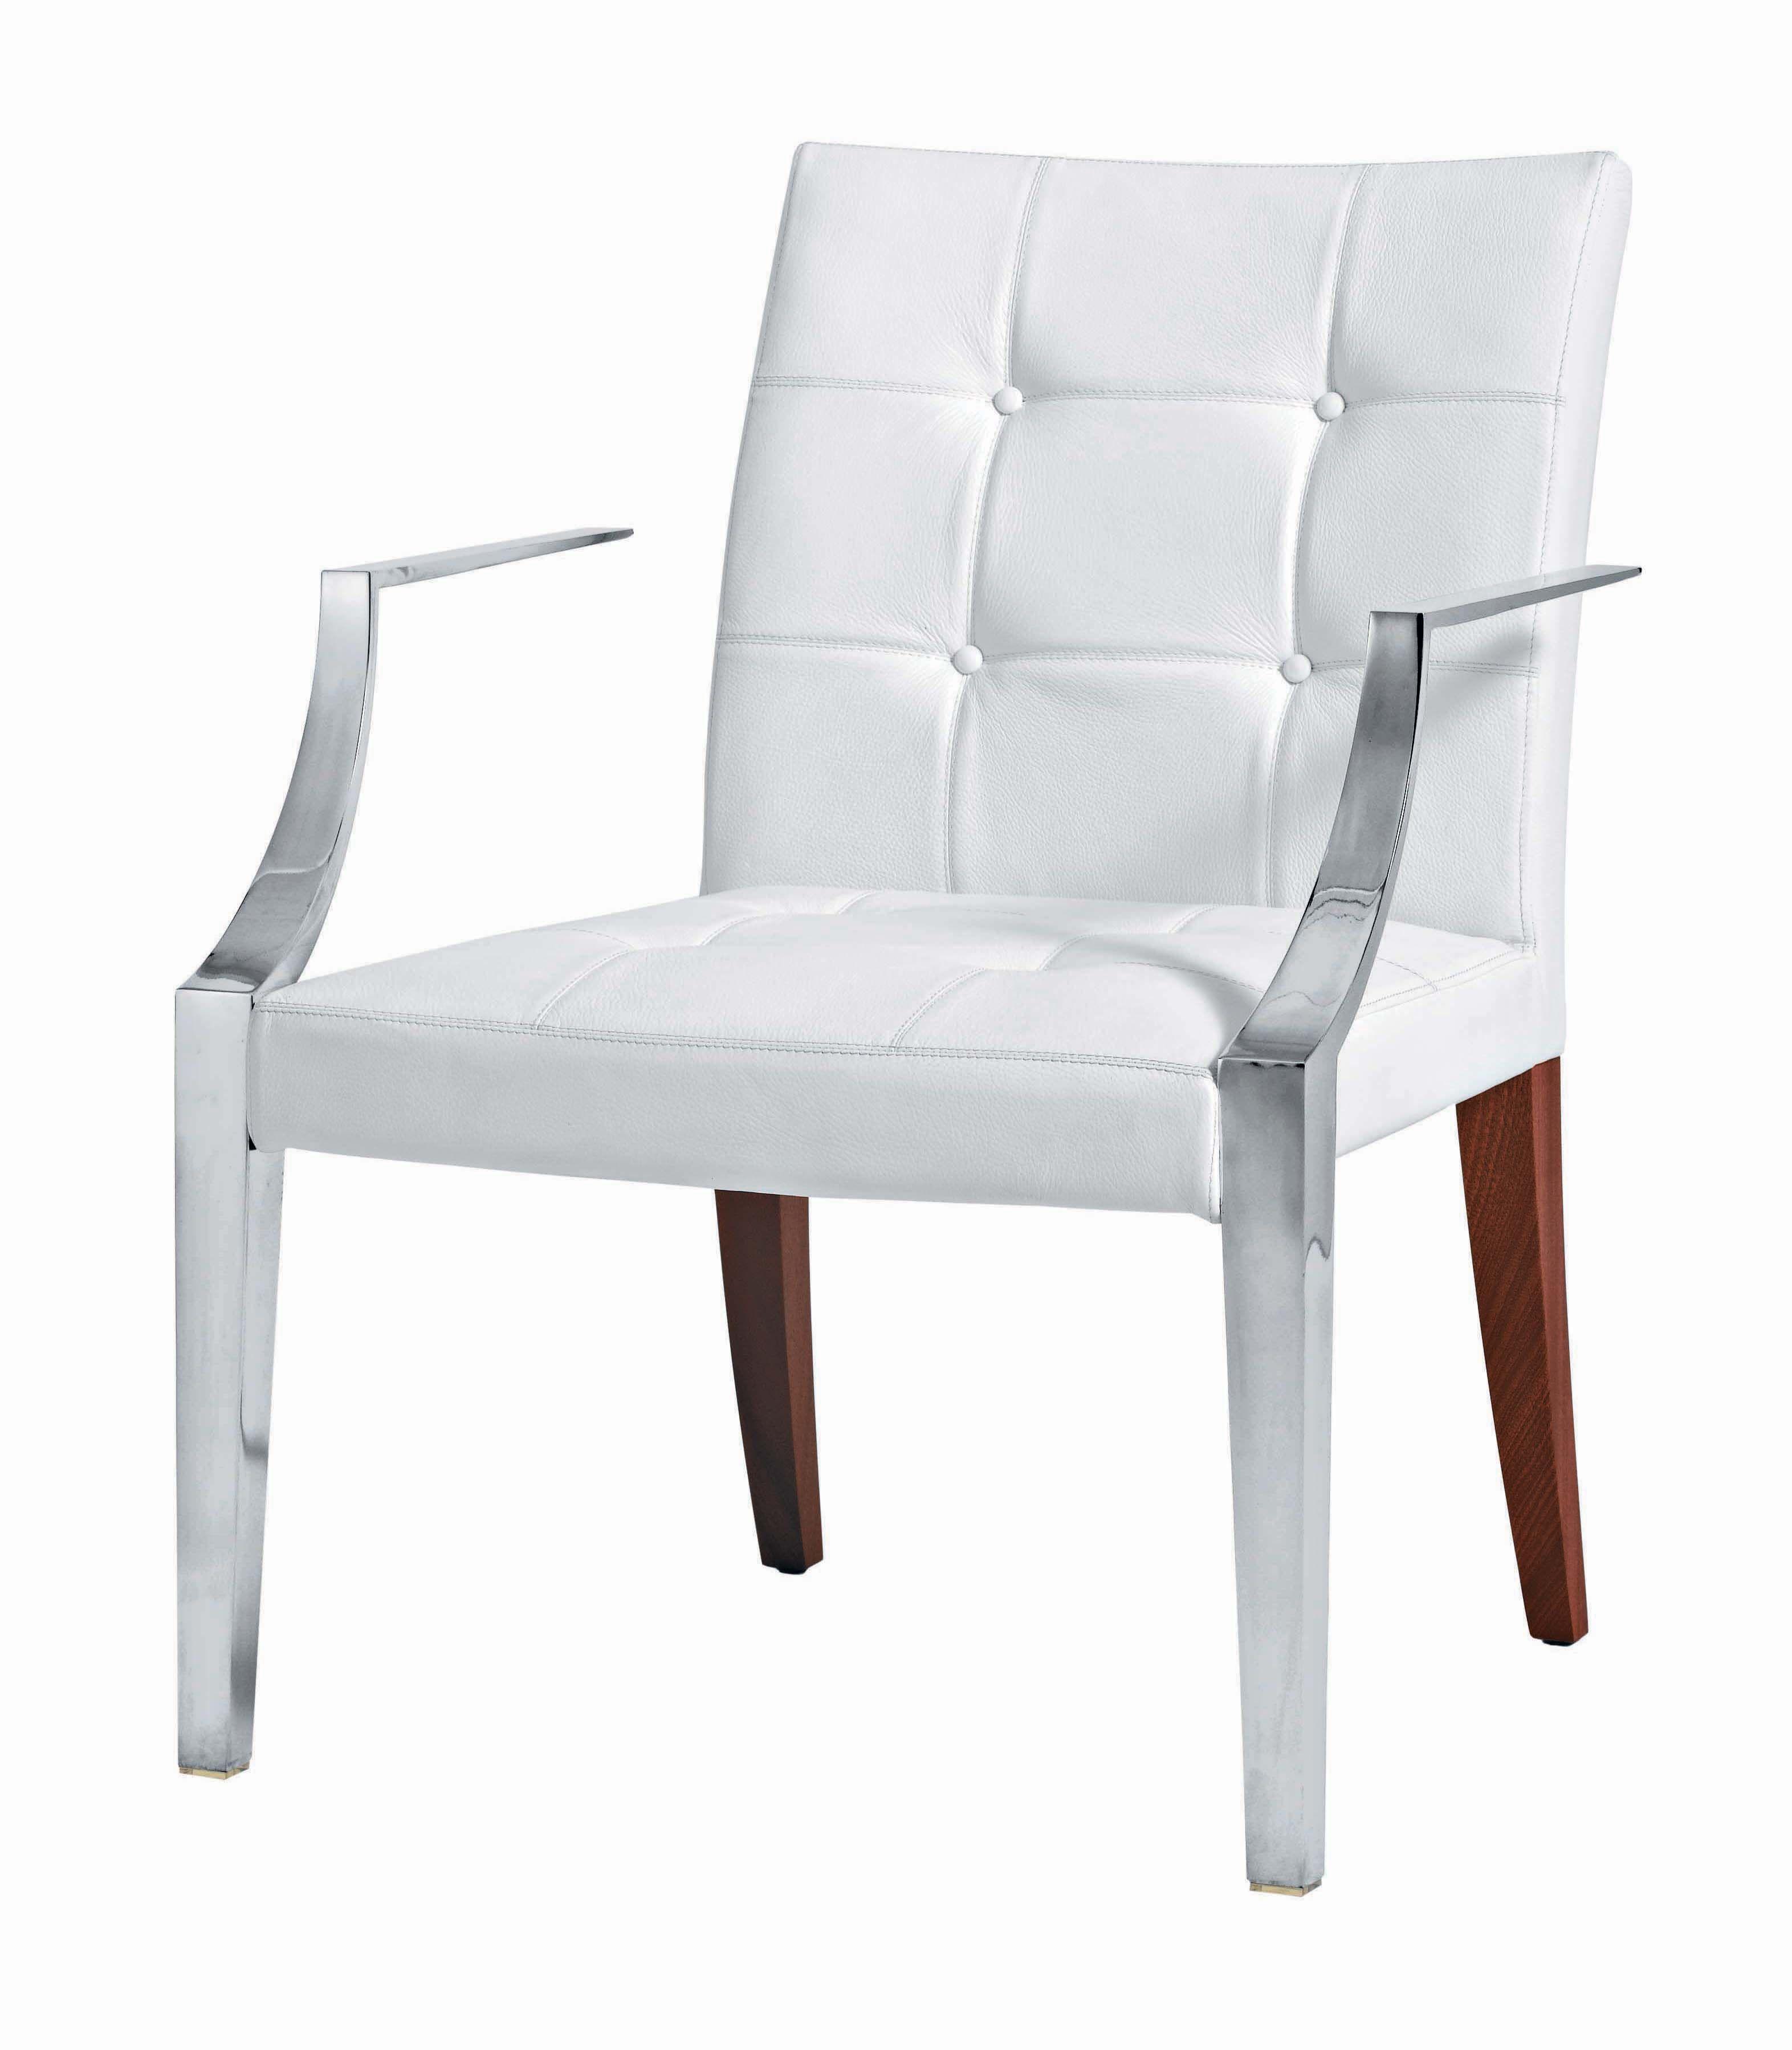 Mobilier - Chaises, fauteuils de salle à manger - Fauteuil rembourré Monseigneur / Large - Cuir - Driade - Cuir blanc - Acajou, Acier inoxydable, Cuir